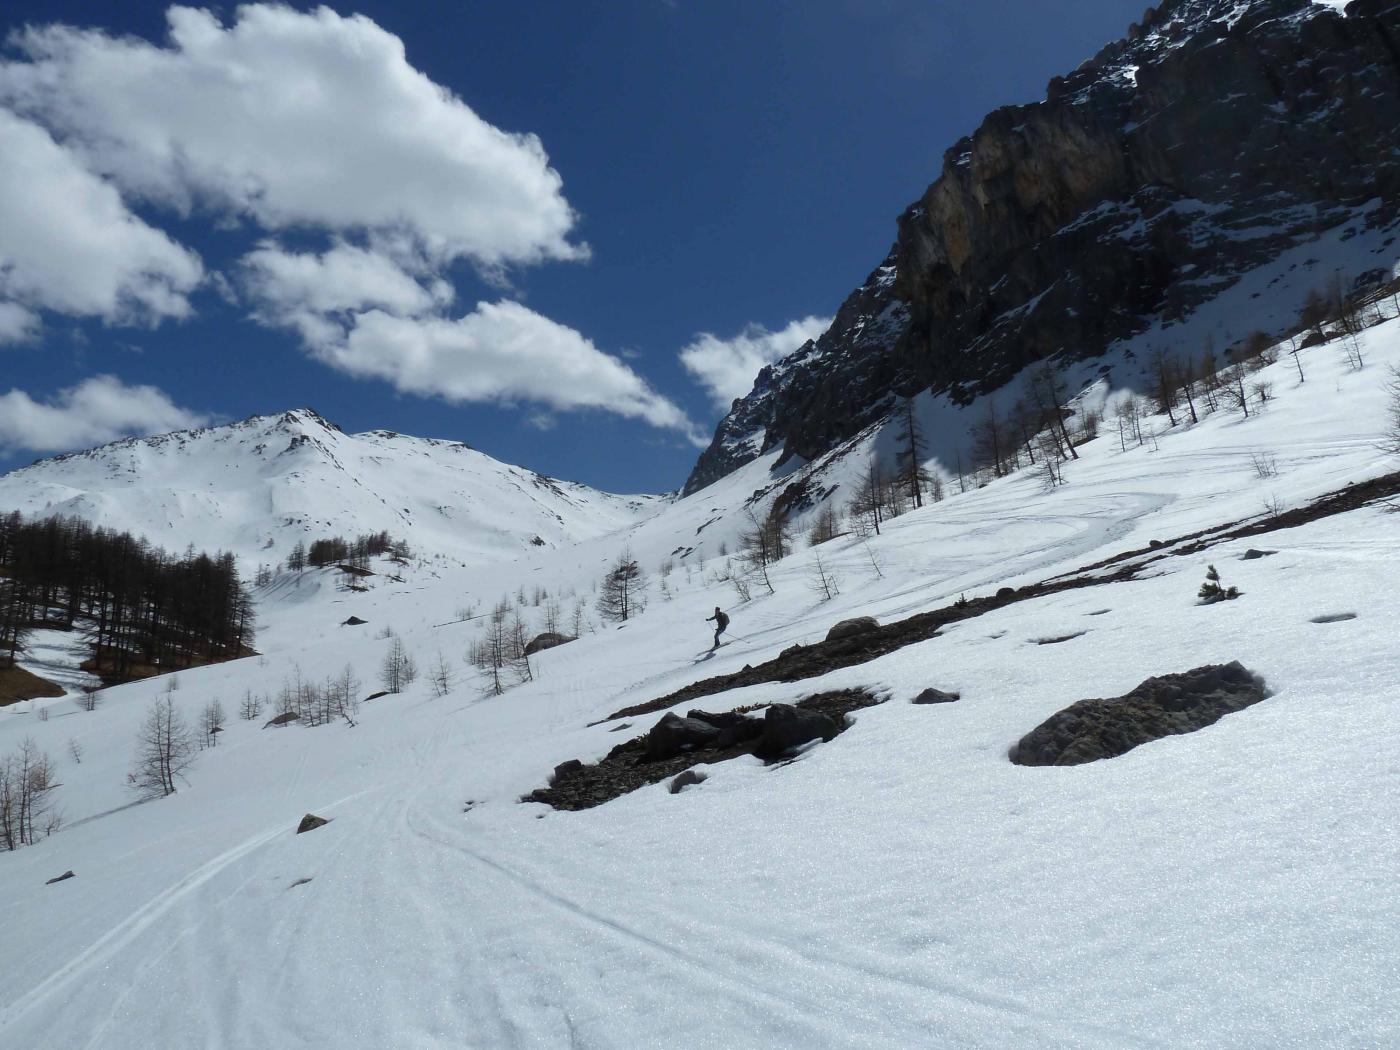 Gran bella neve anche in basso